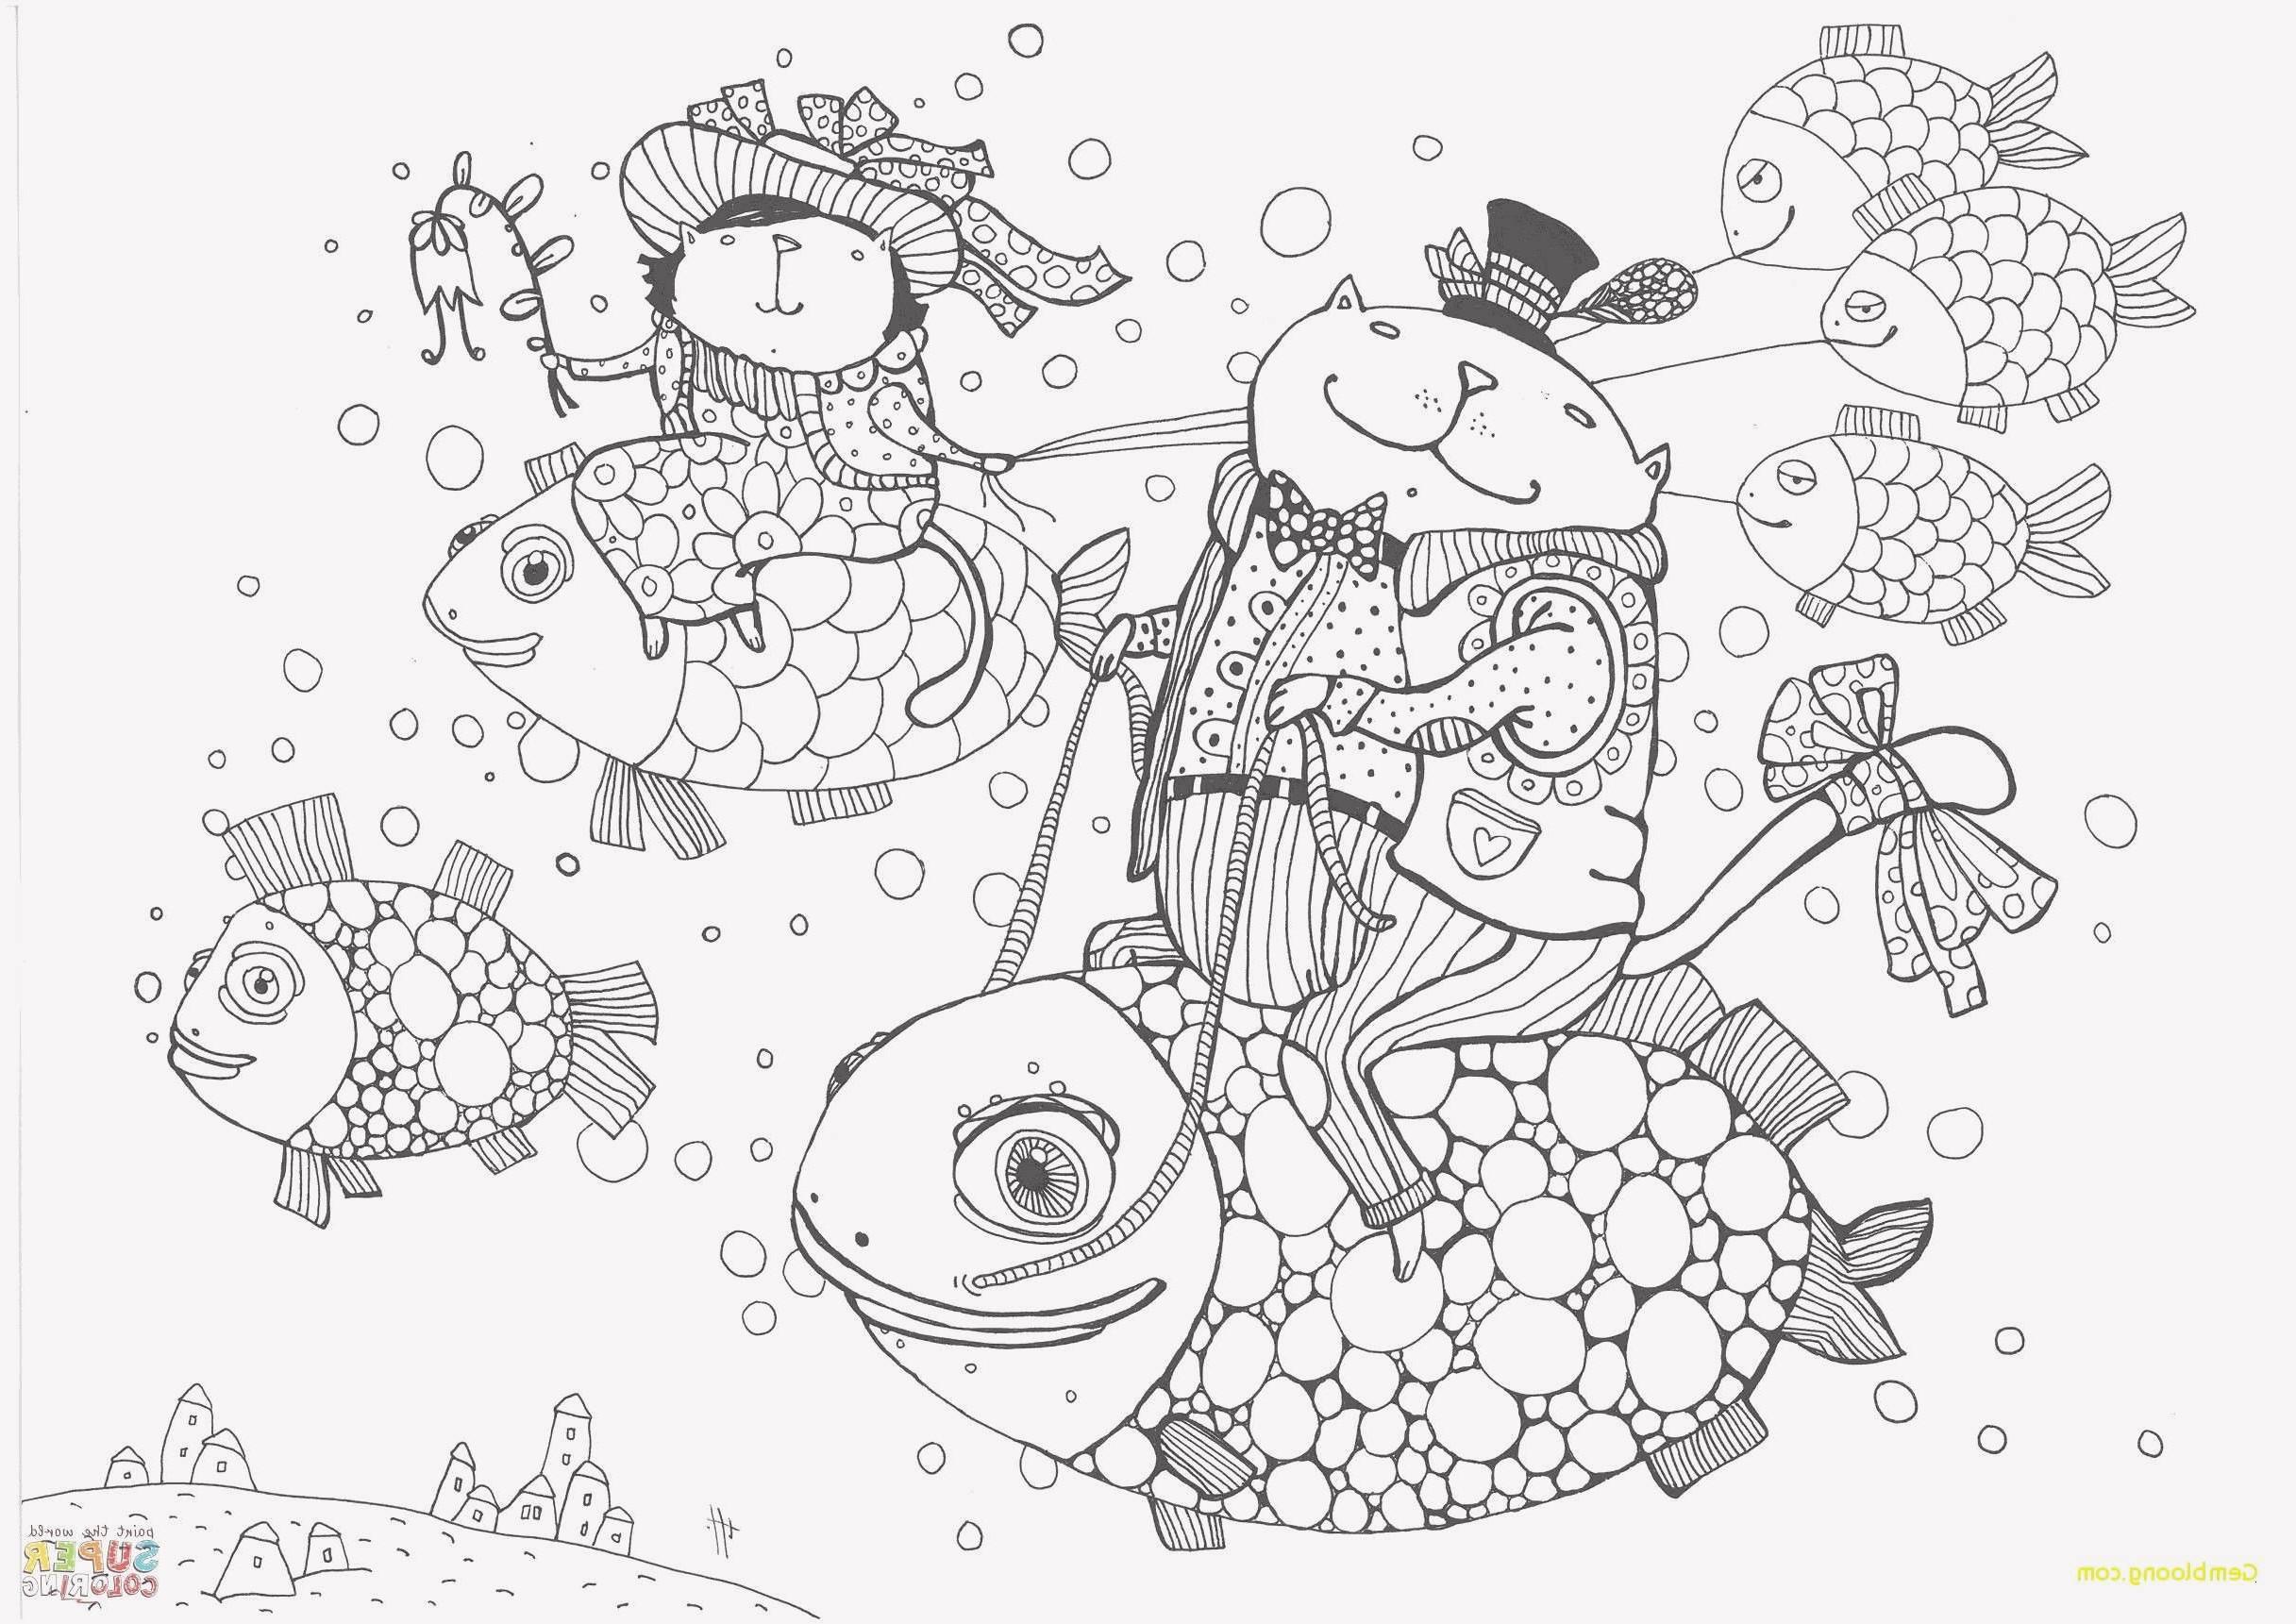 Einhorn Bilder Zum Ausdrucken Inspirierend 31 Frisch Einhorn Ausmalbilder – Malvorlagen Ideen Bild